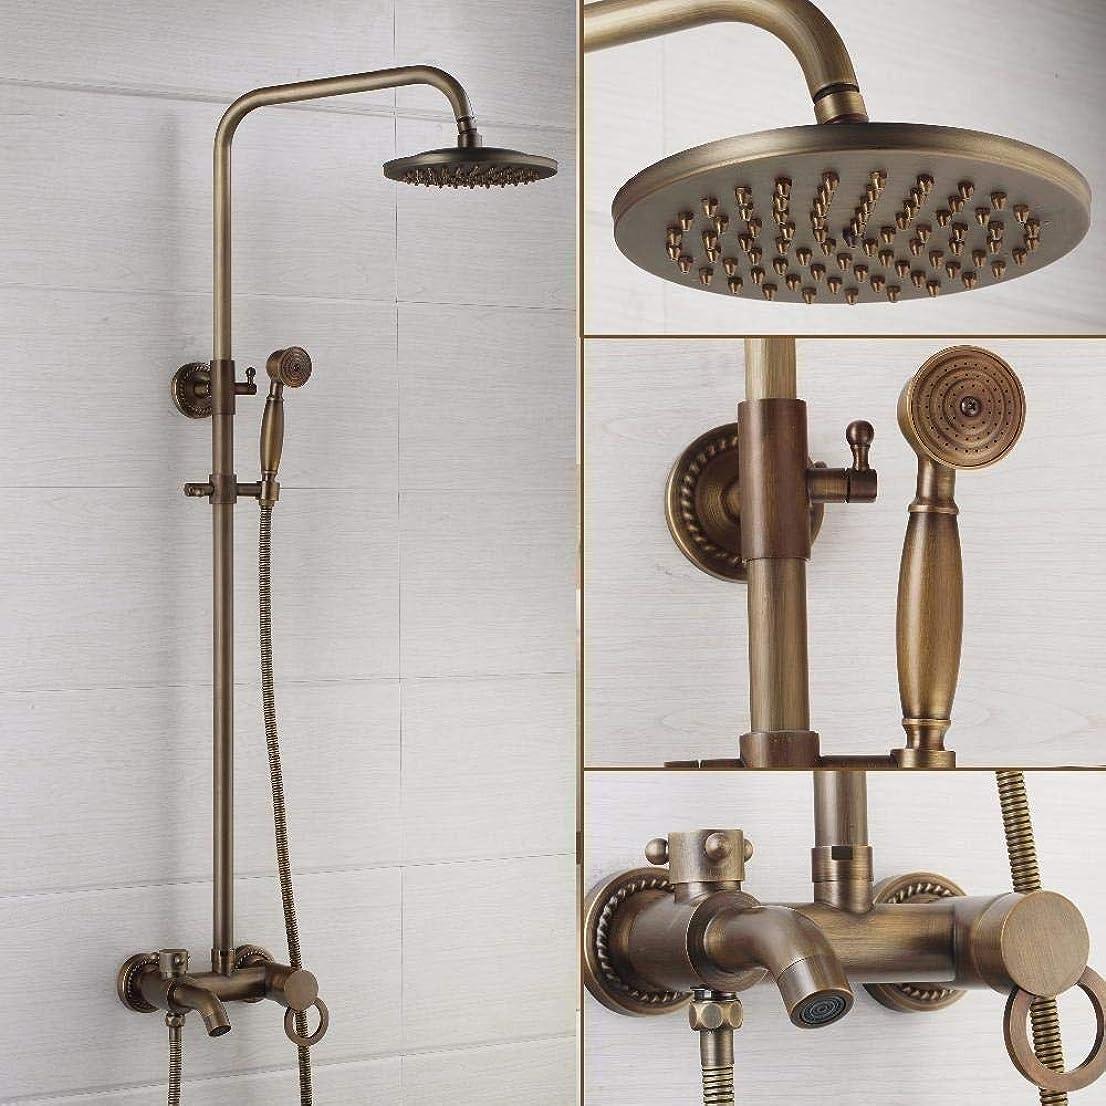 シーボードする人口レインシャワーシステム シャワーセットシャワーシステムアンティークの真鍮のシャワー蛇口セット8インチのシャワーヘッドハンドシャワースプレーウォールは、ミキサーのタップをマウント 高圧